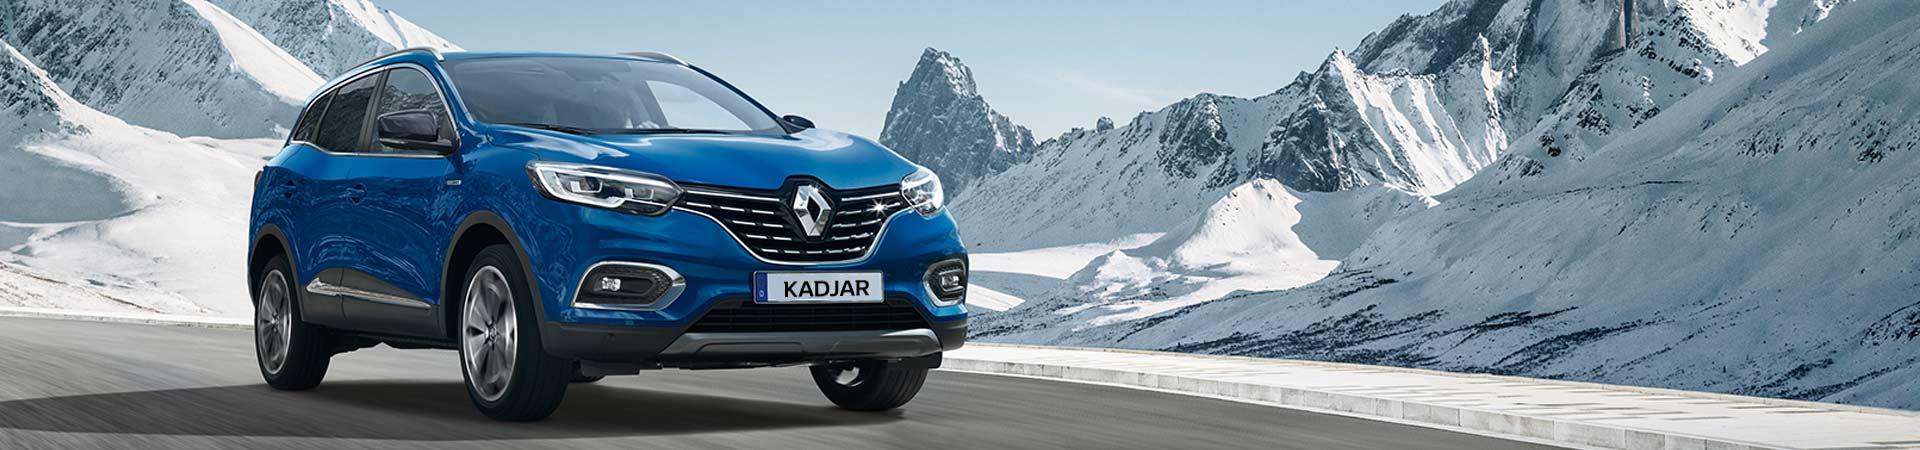 Renault Kadjar Januar 2019